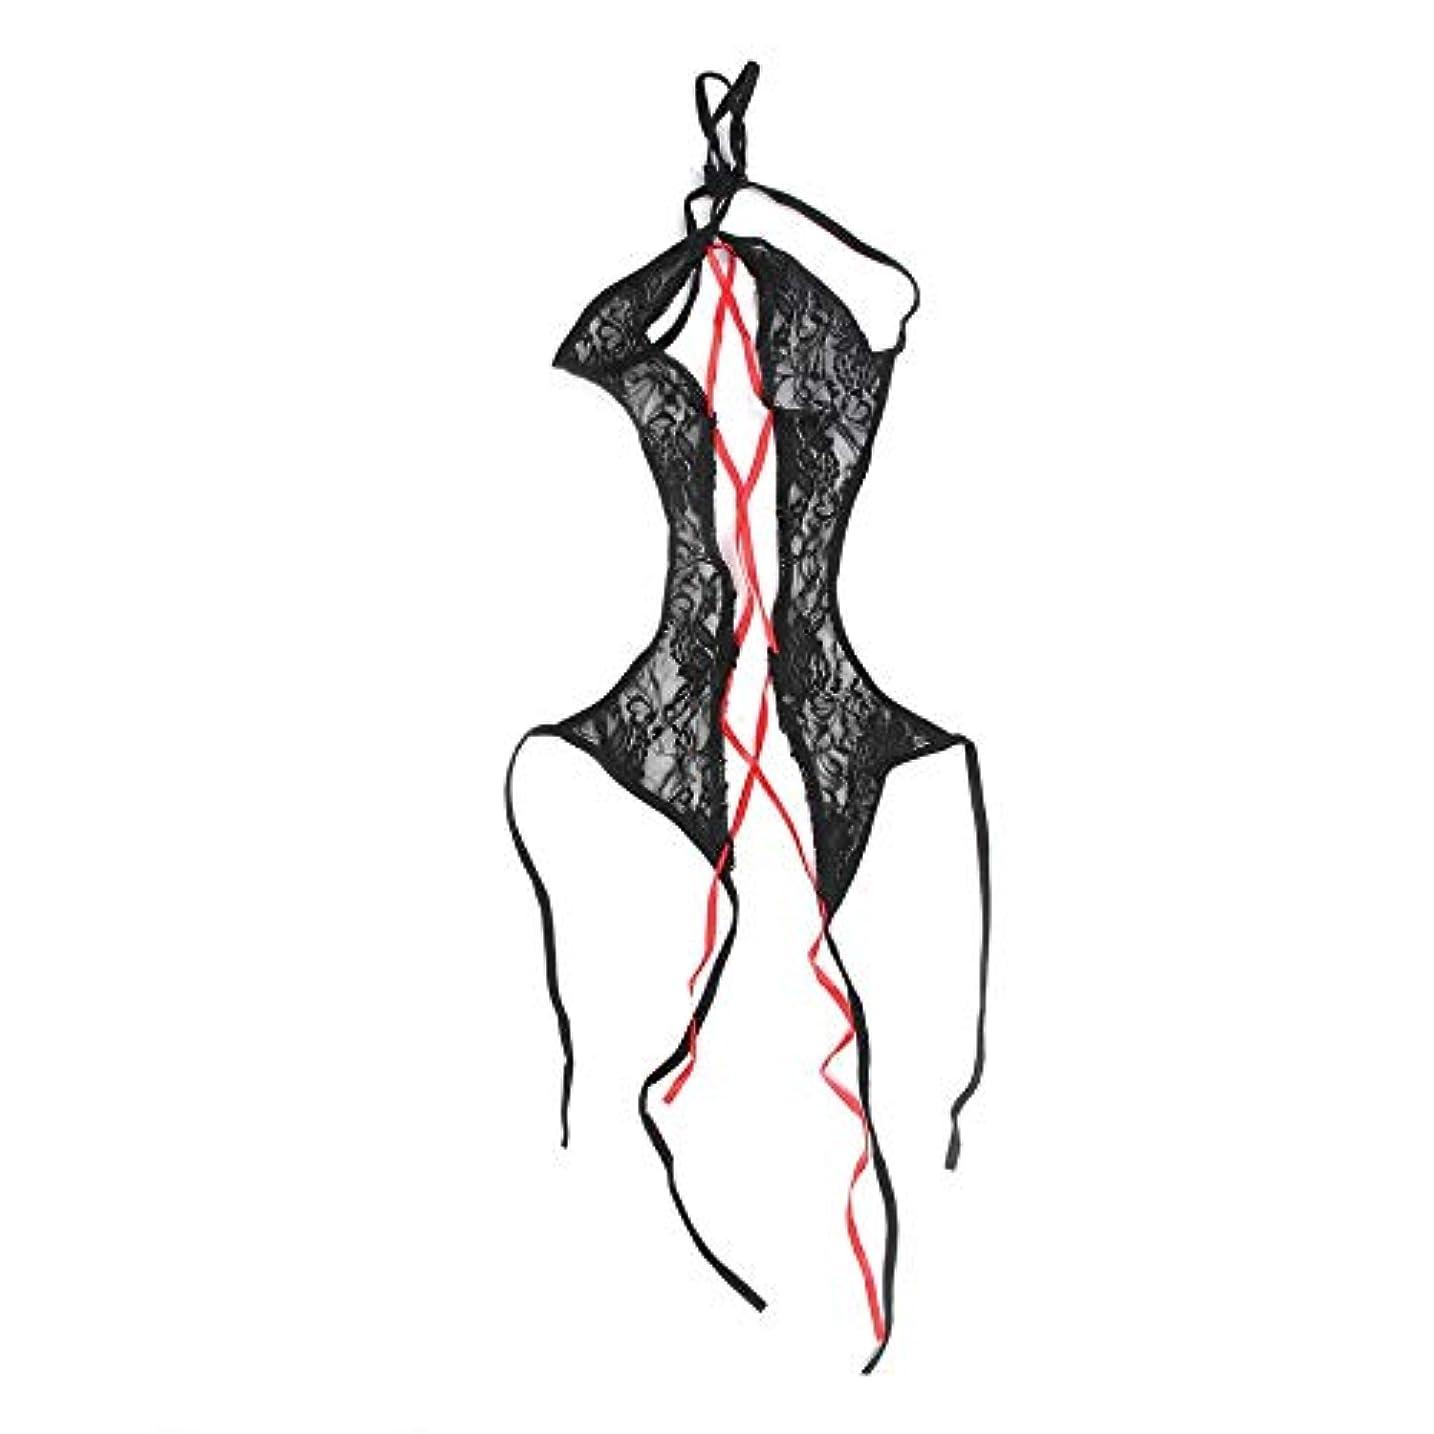 A Acreatspace女性ランジェリースーツ誘惑パースペクティブ透明メッシュエロコスプレ衣装ストレッチドレスパジャマセット